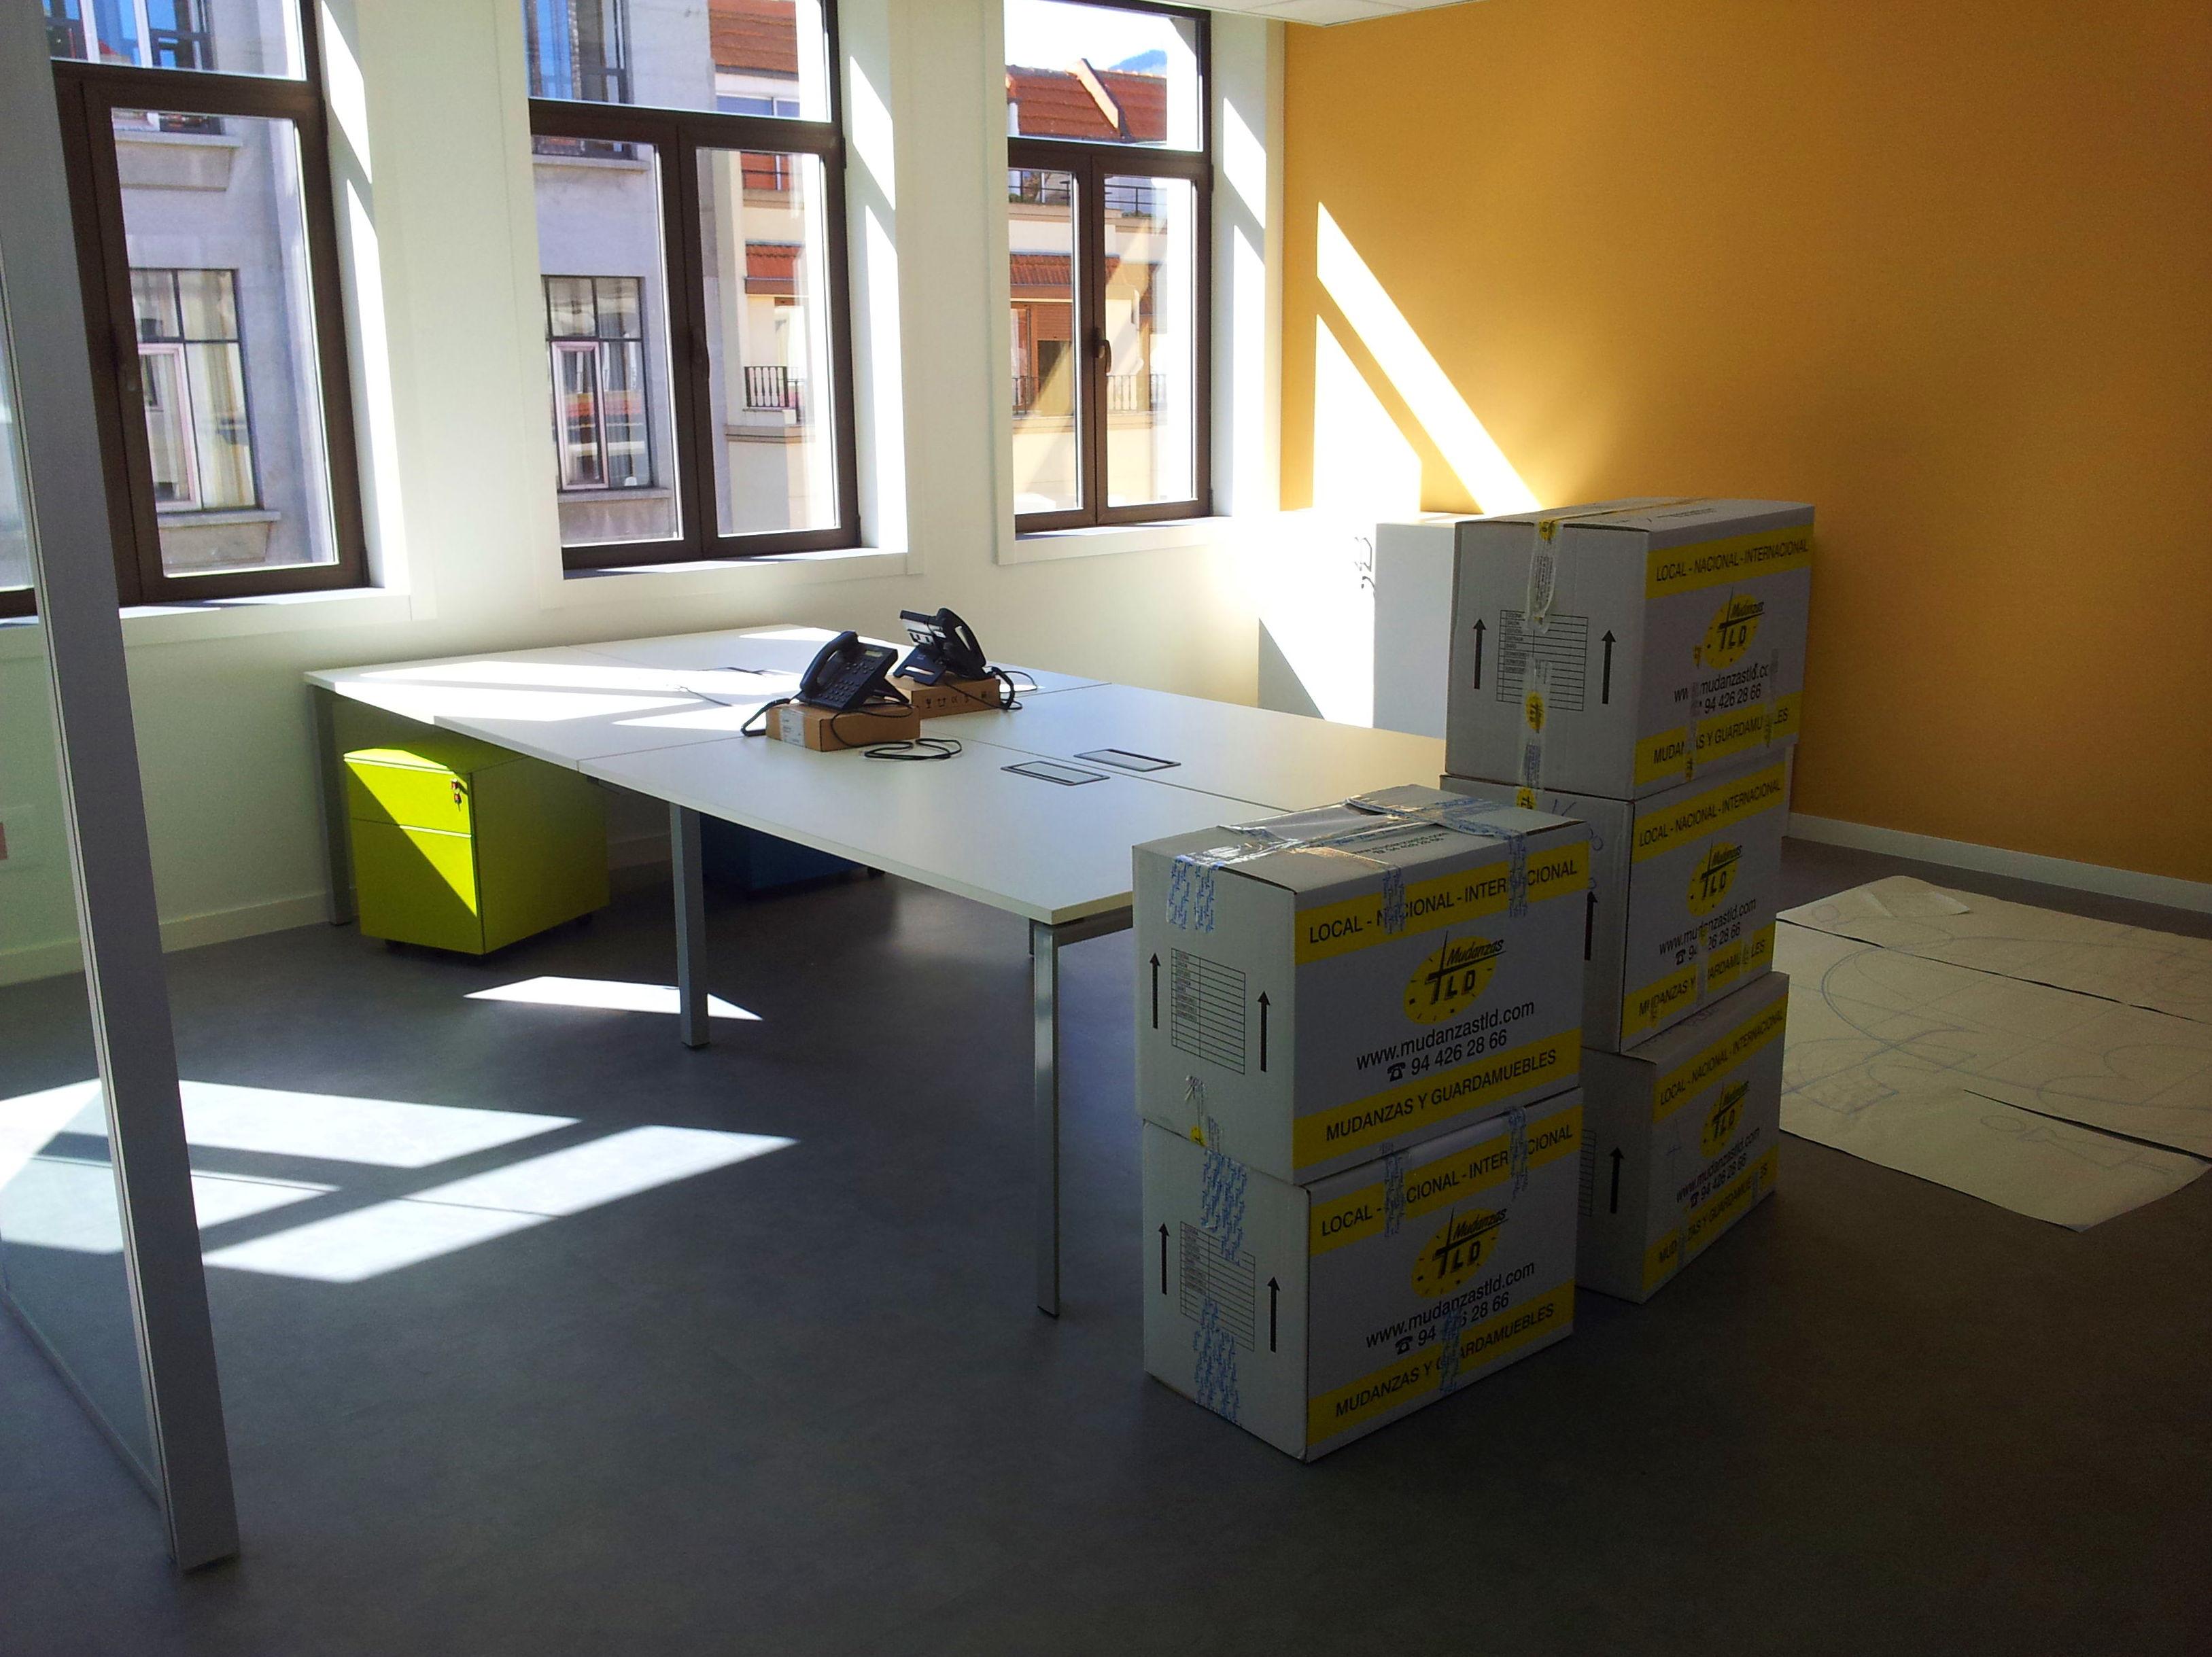 Mudanzas empresas servicios de mudanzas t l d for Mudanza oficina